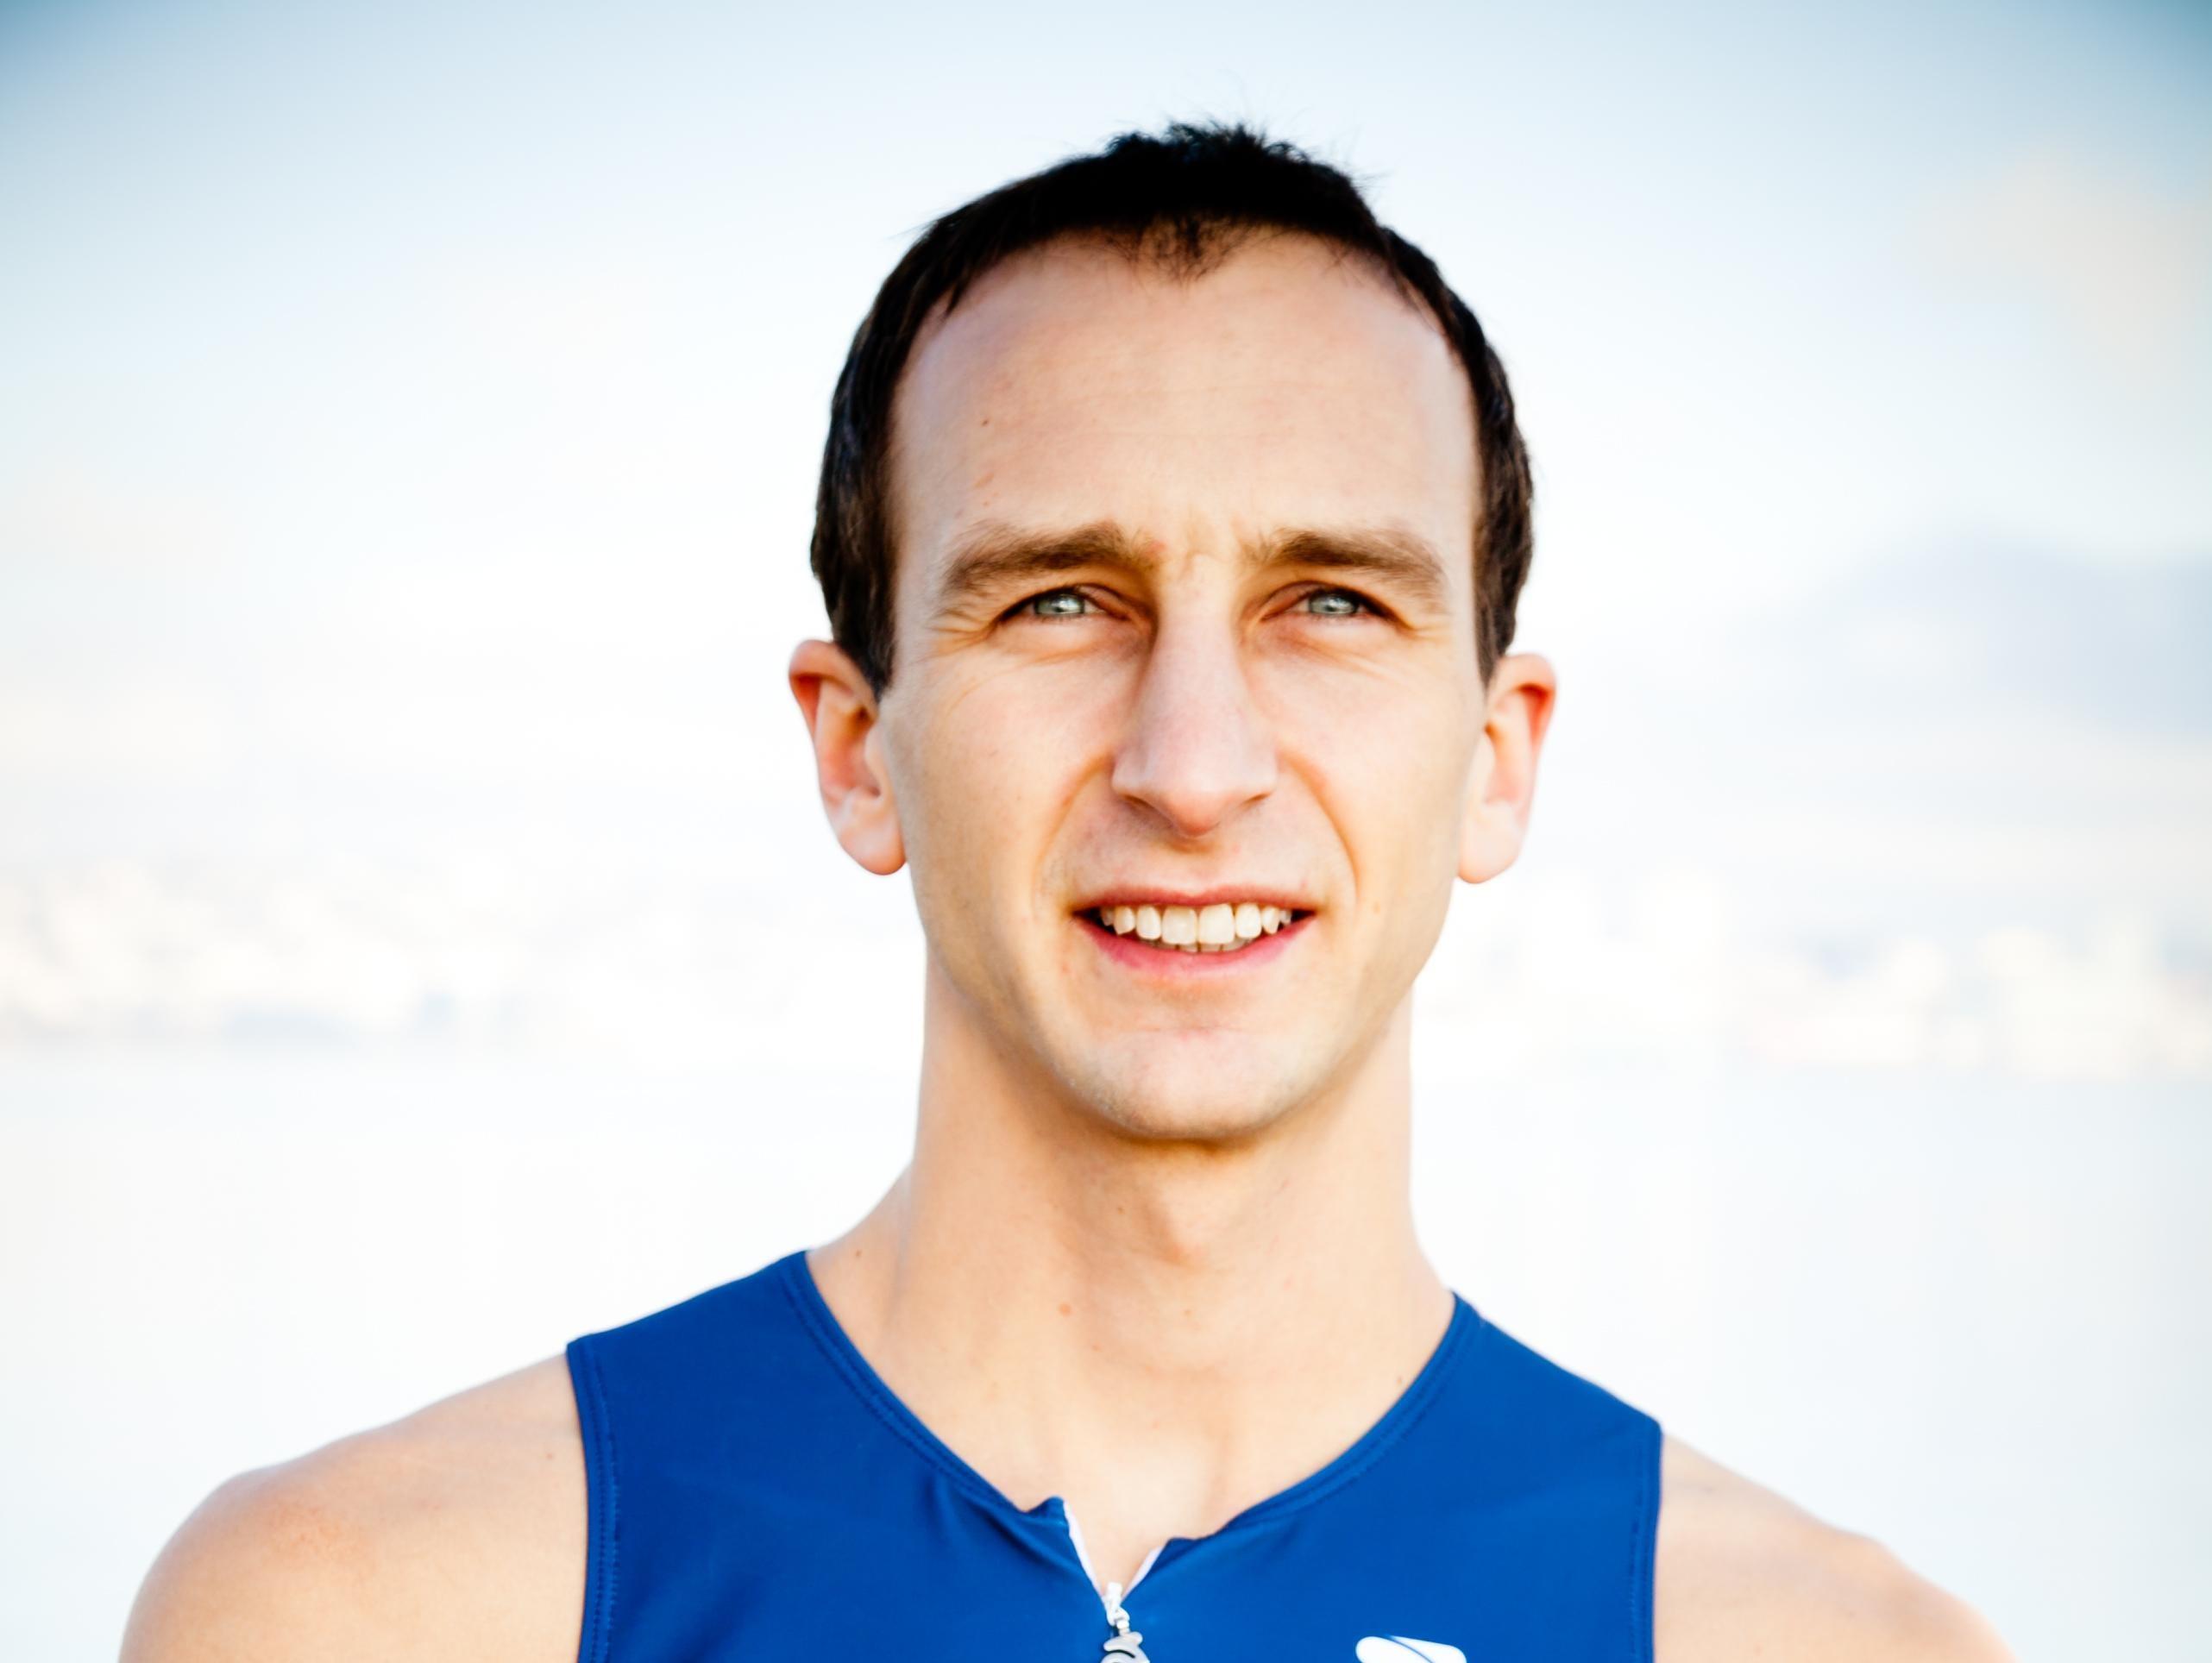 Aaron Scheidies in an international champion Paralympic triathlete.